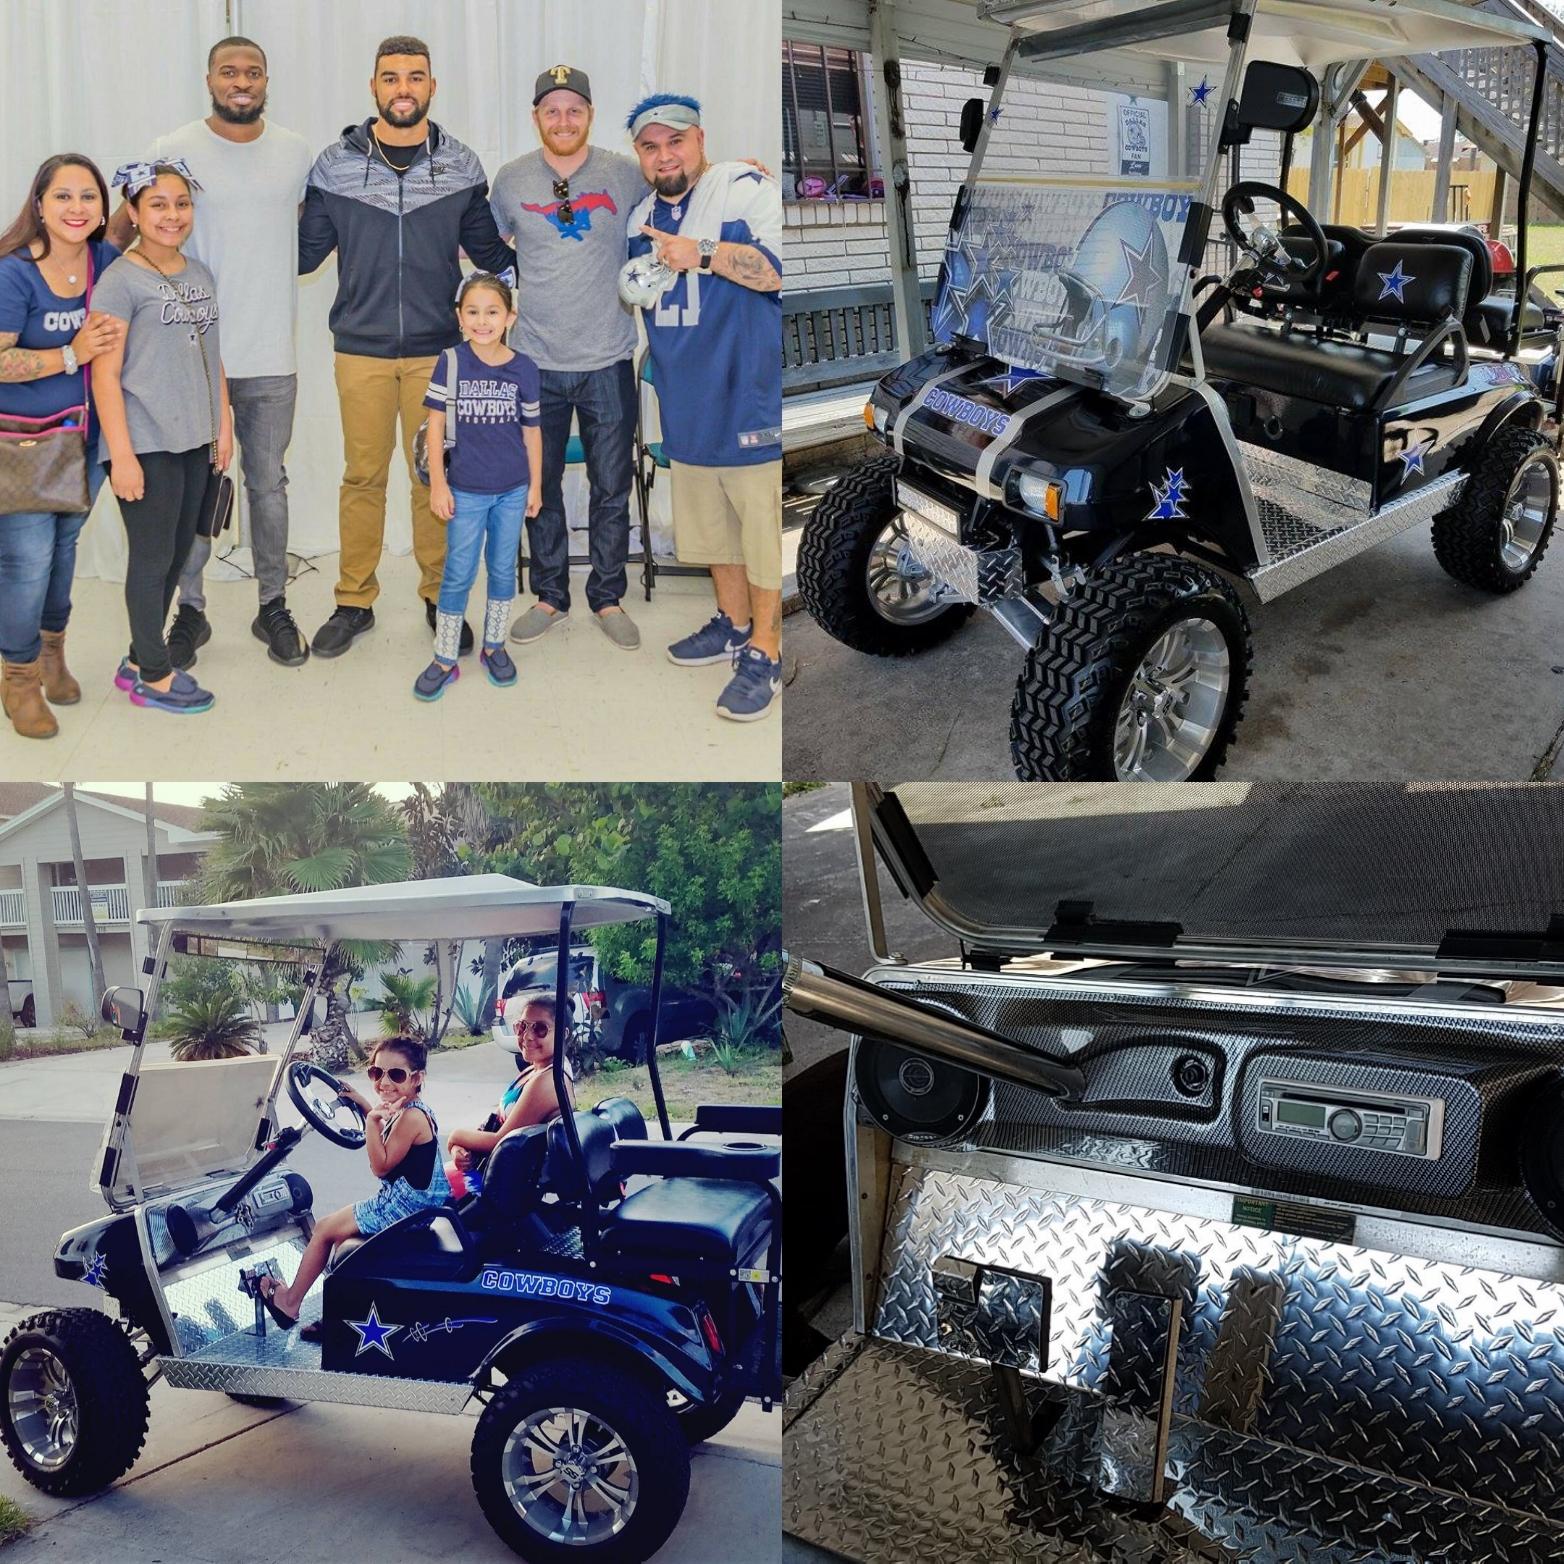 suwanee aaron united in photos biz o doors atlanta door states photo ga yelp buford garage of overhead cart golf